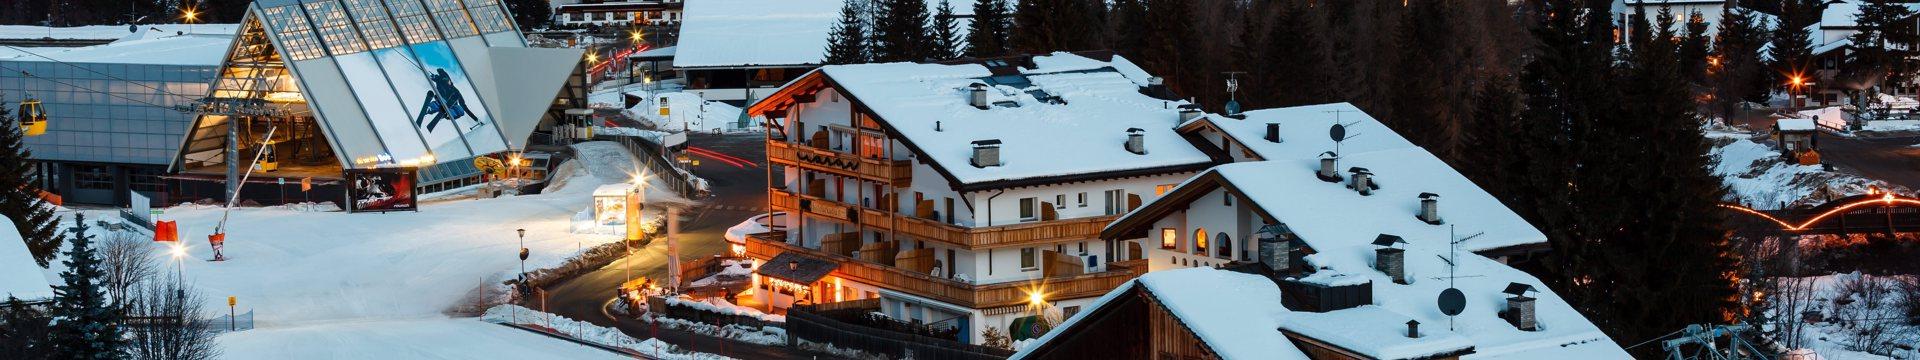 Skigebied Alta Badia